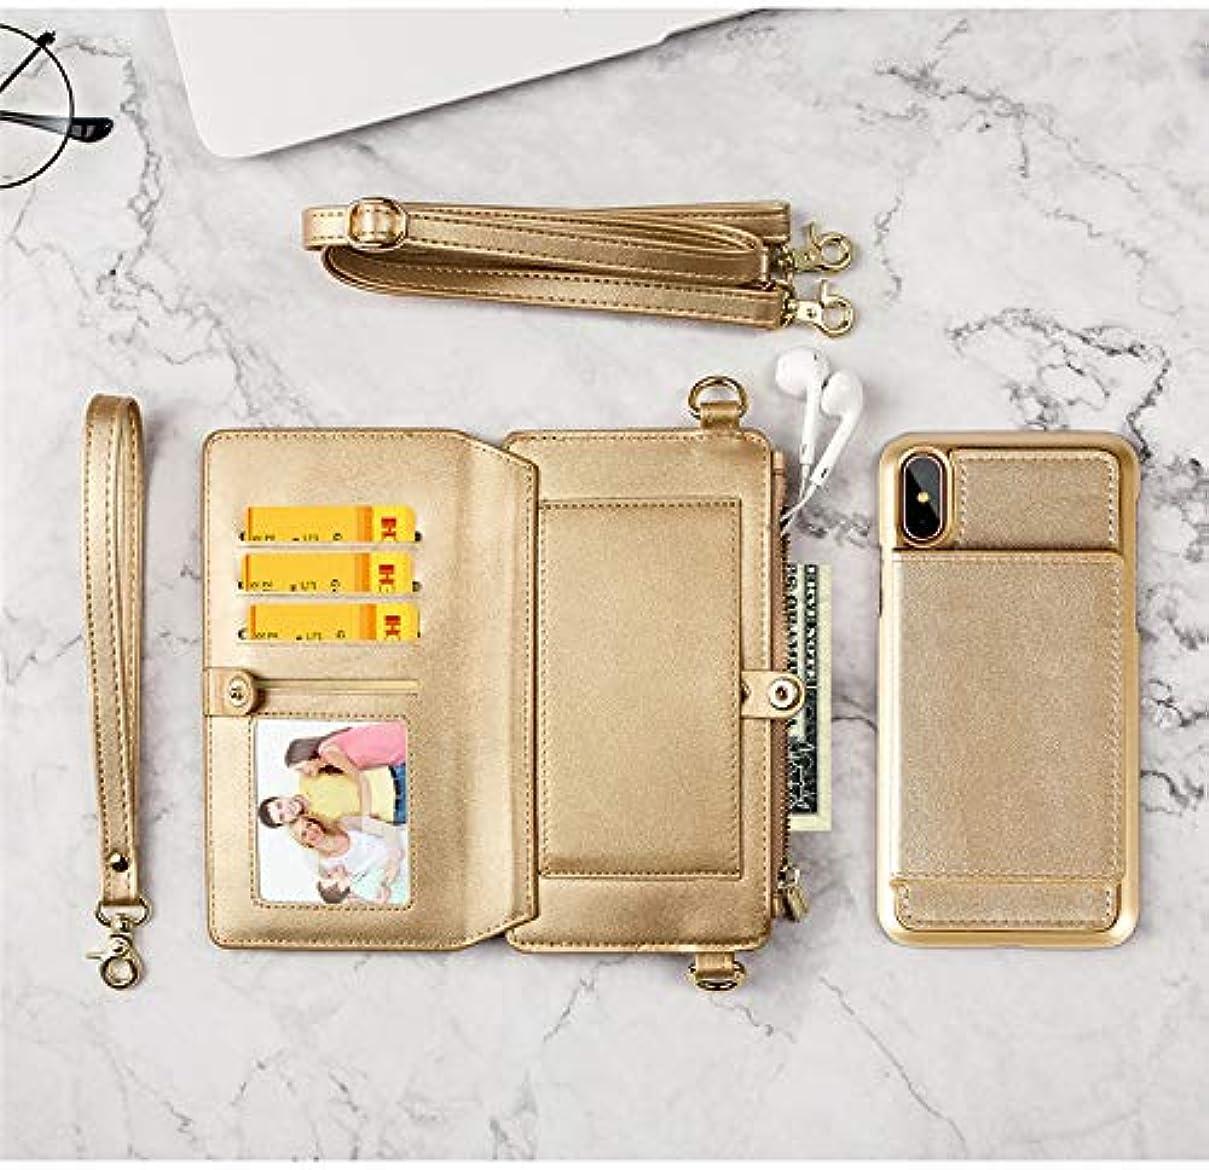 シプリー氏制約iPhone XS Maxマックスケース財布、TABCaseプレミアムPUレザー12カードスロット、IDカード、コインポケット、取り外し可能な2つのショルダーストラップ付きジッパーリストバッグ付き多機能iPhoneショルダーストラップ...